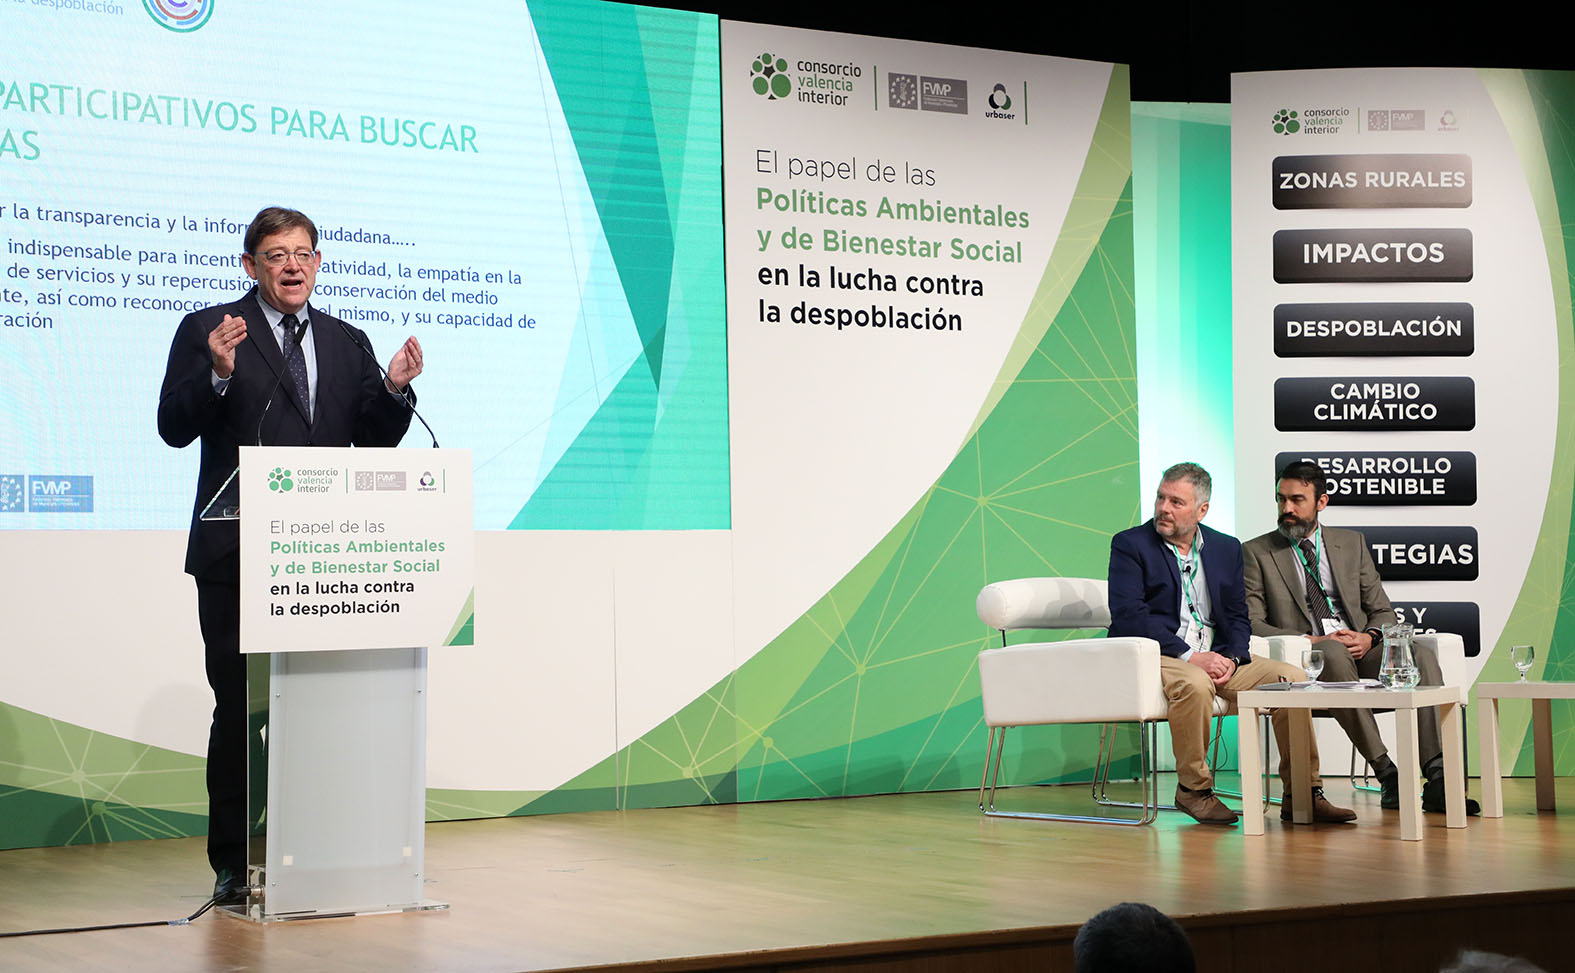 """El president se compromete a """"redoblar los esfuerzos"""" para revertir la despoblación de las comarcas del interior con medidas de """"discriminación positiva""""."""